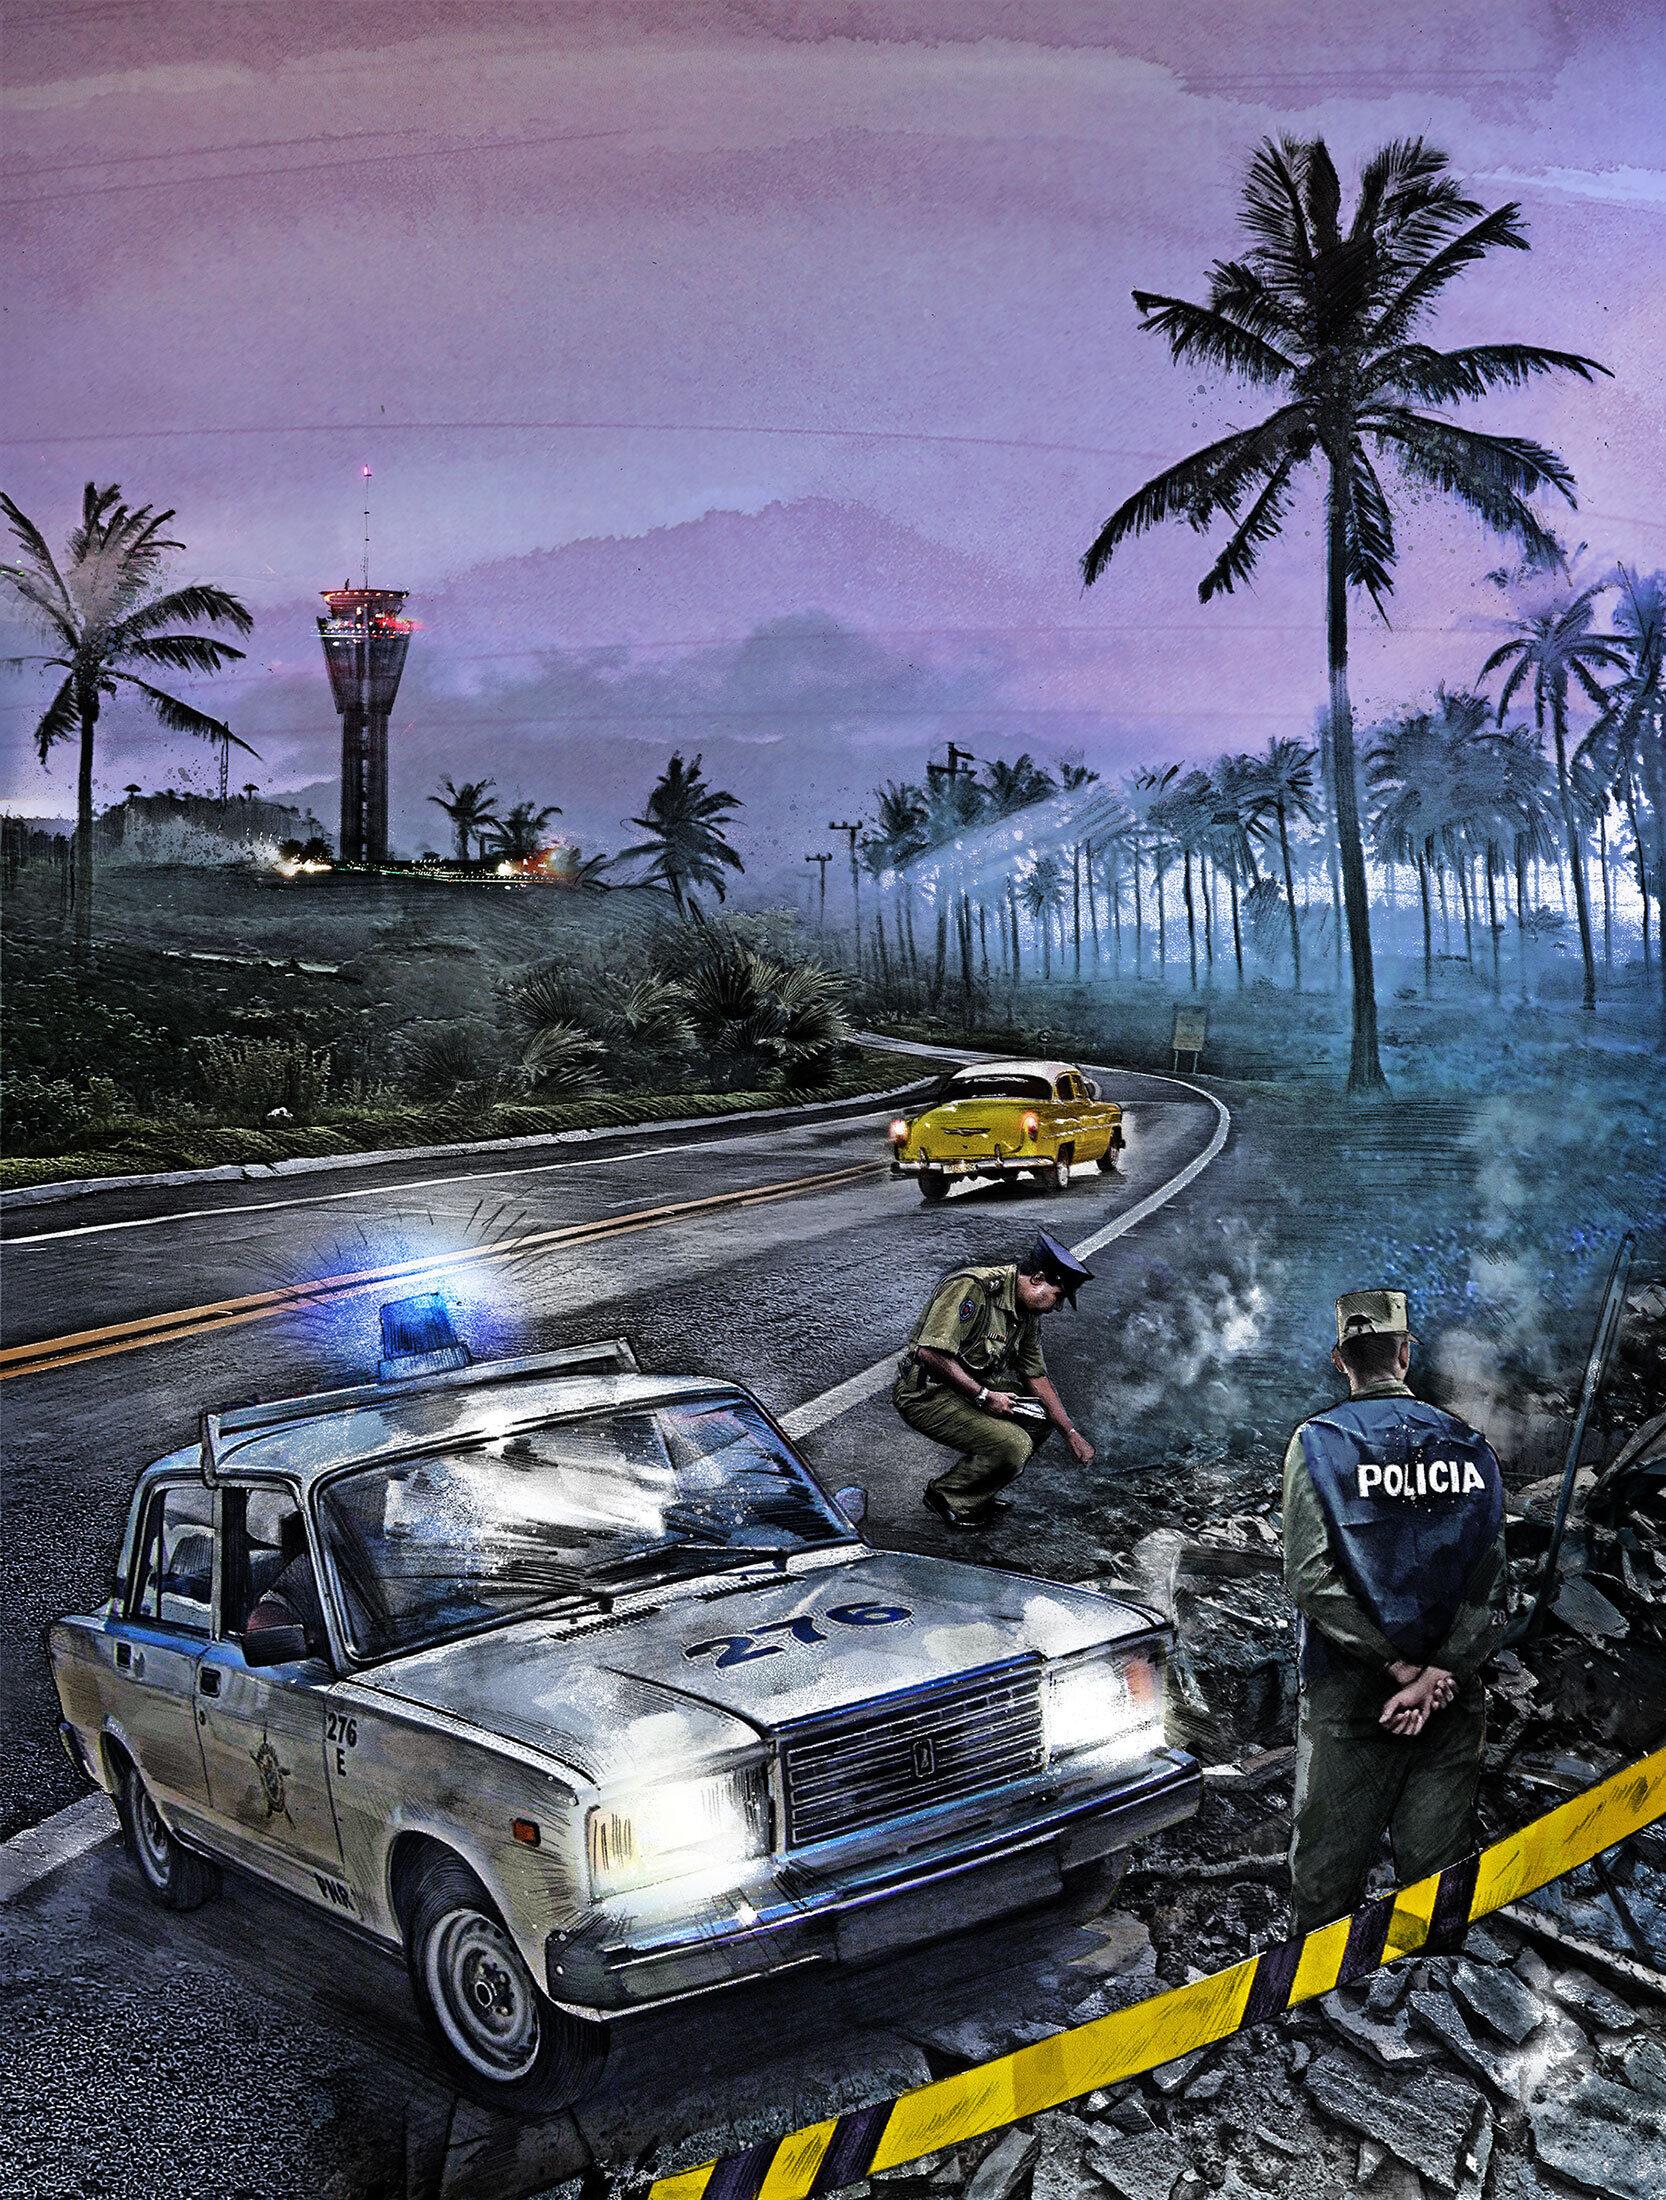 Crime scene illustration cuba - Kornel Illustration   Kornel Stadler portfolio